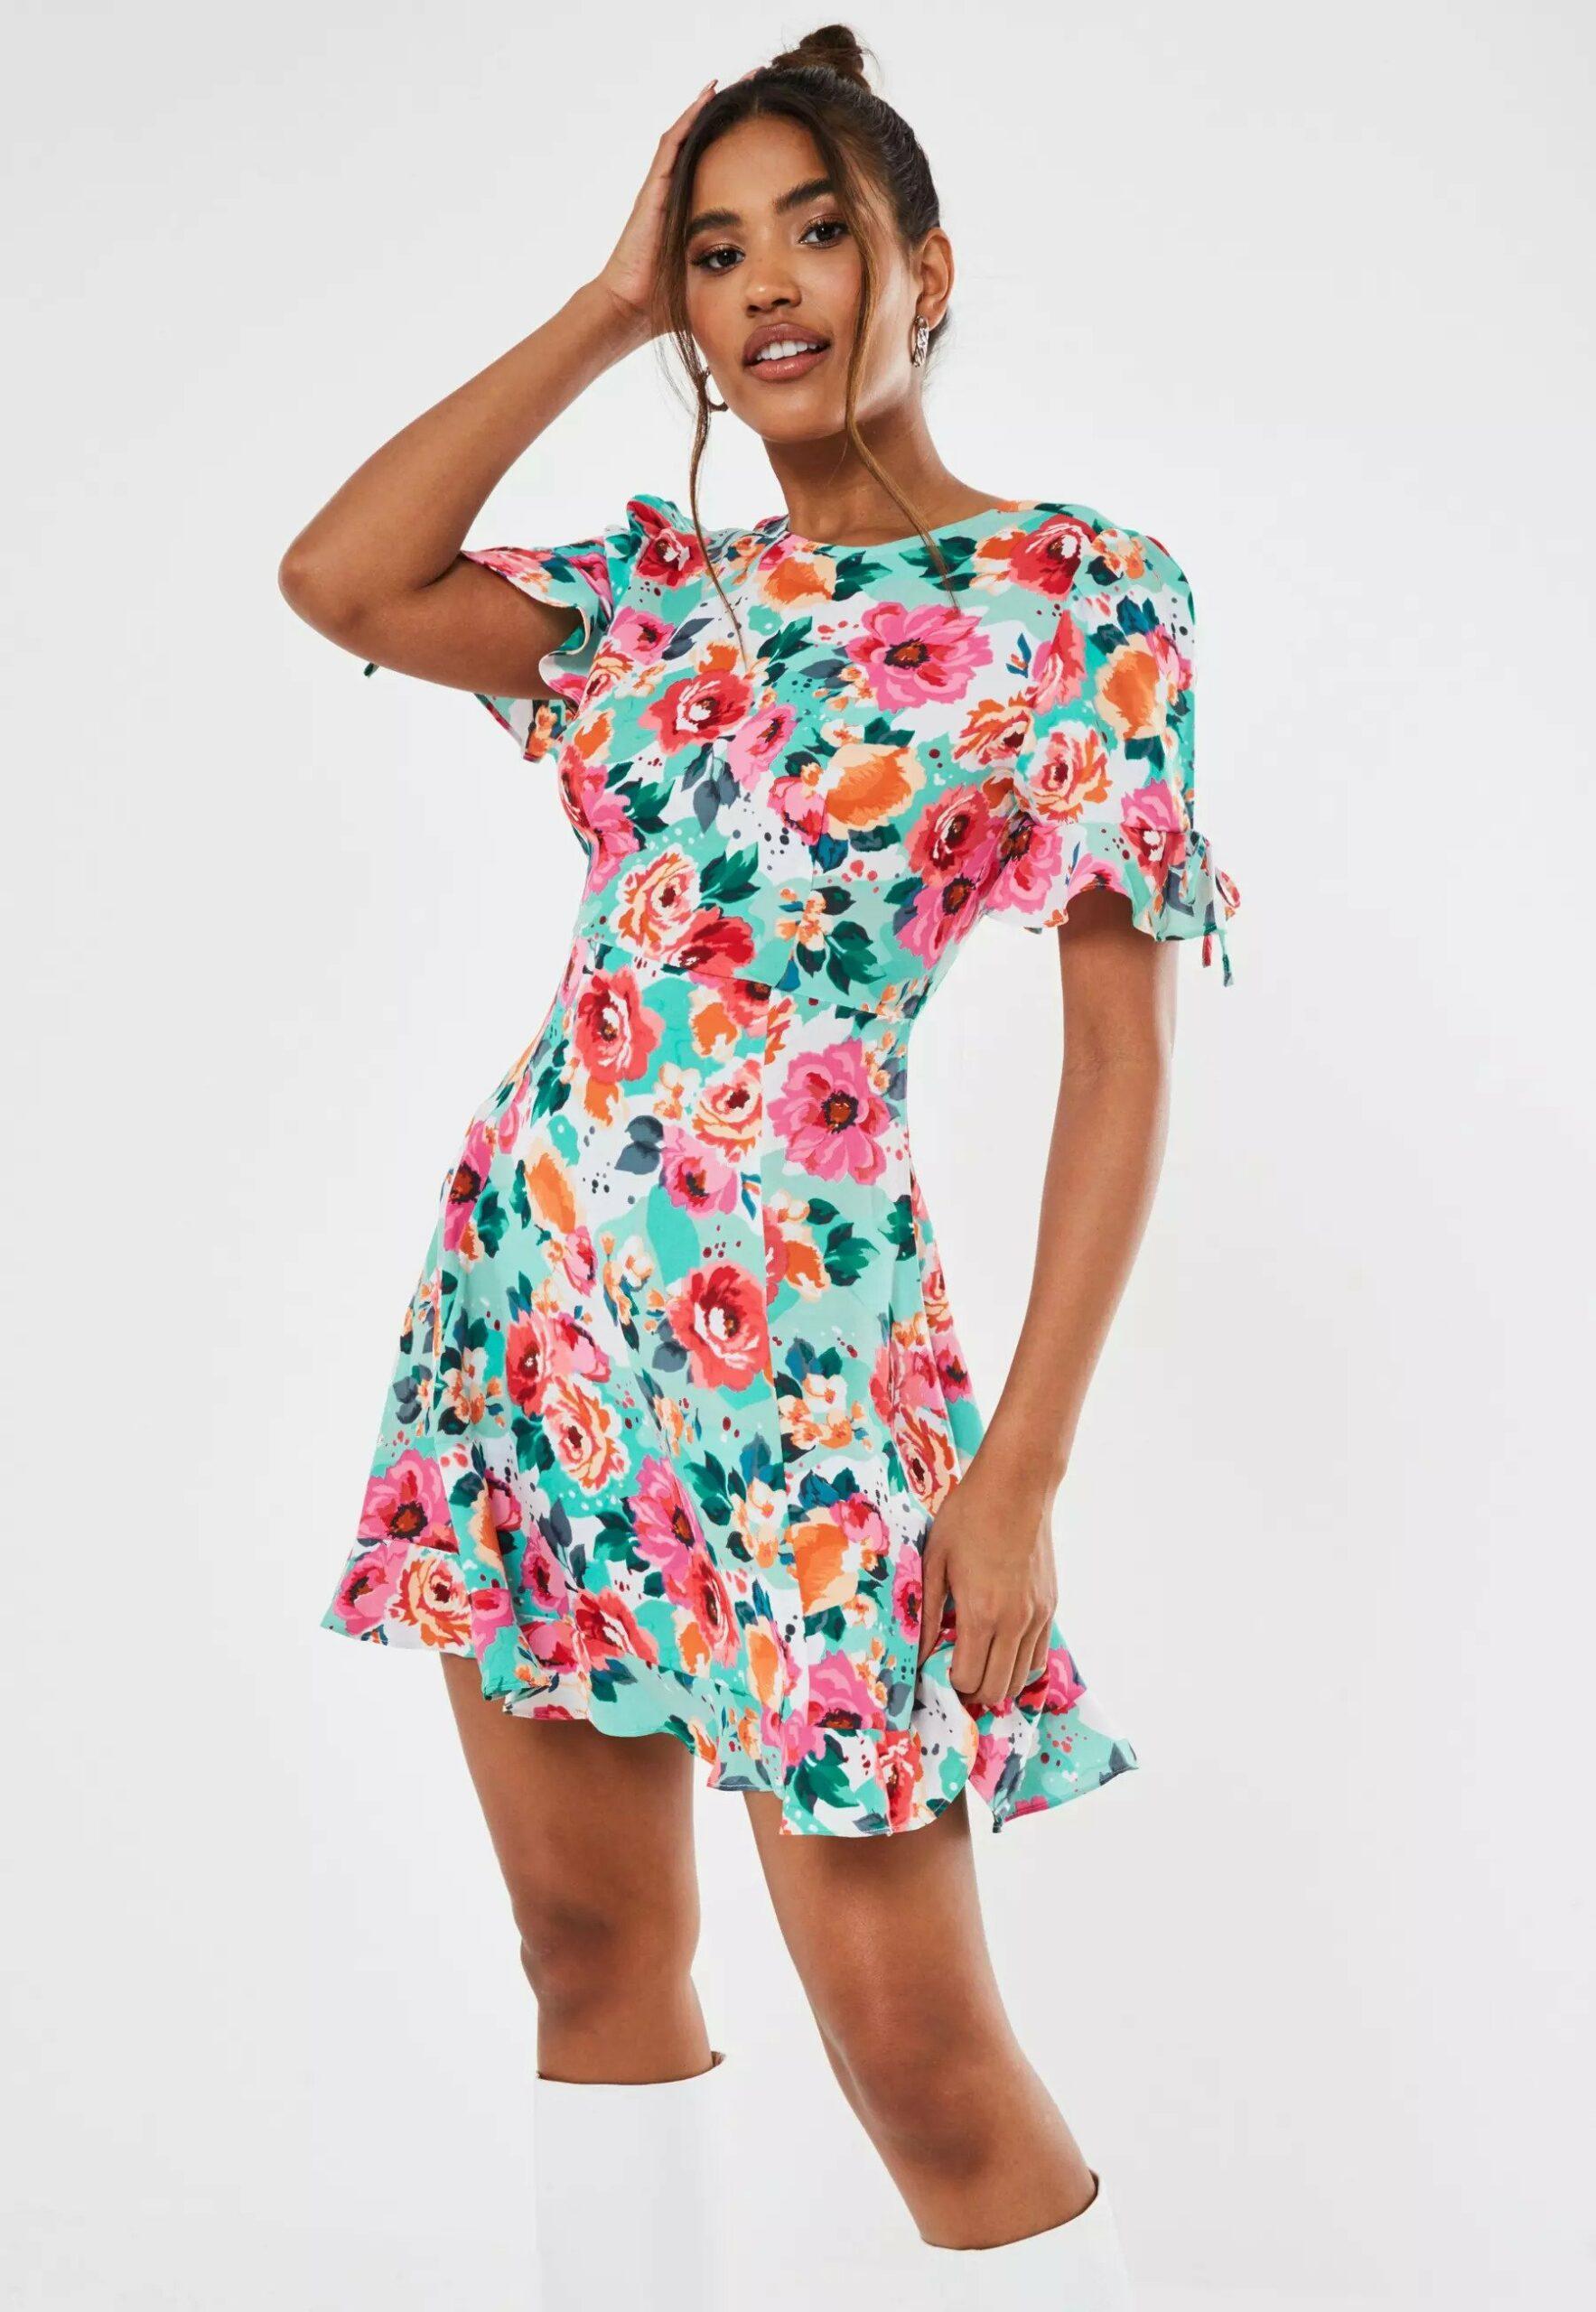 Summer dress - pink floral ruffle a line mini dress